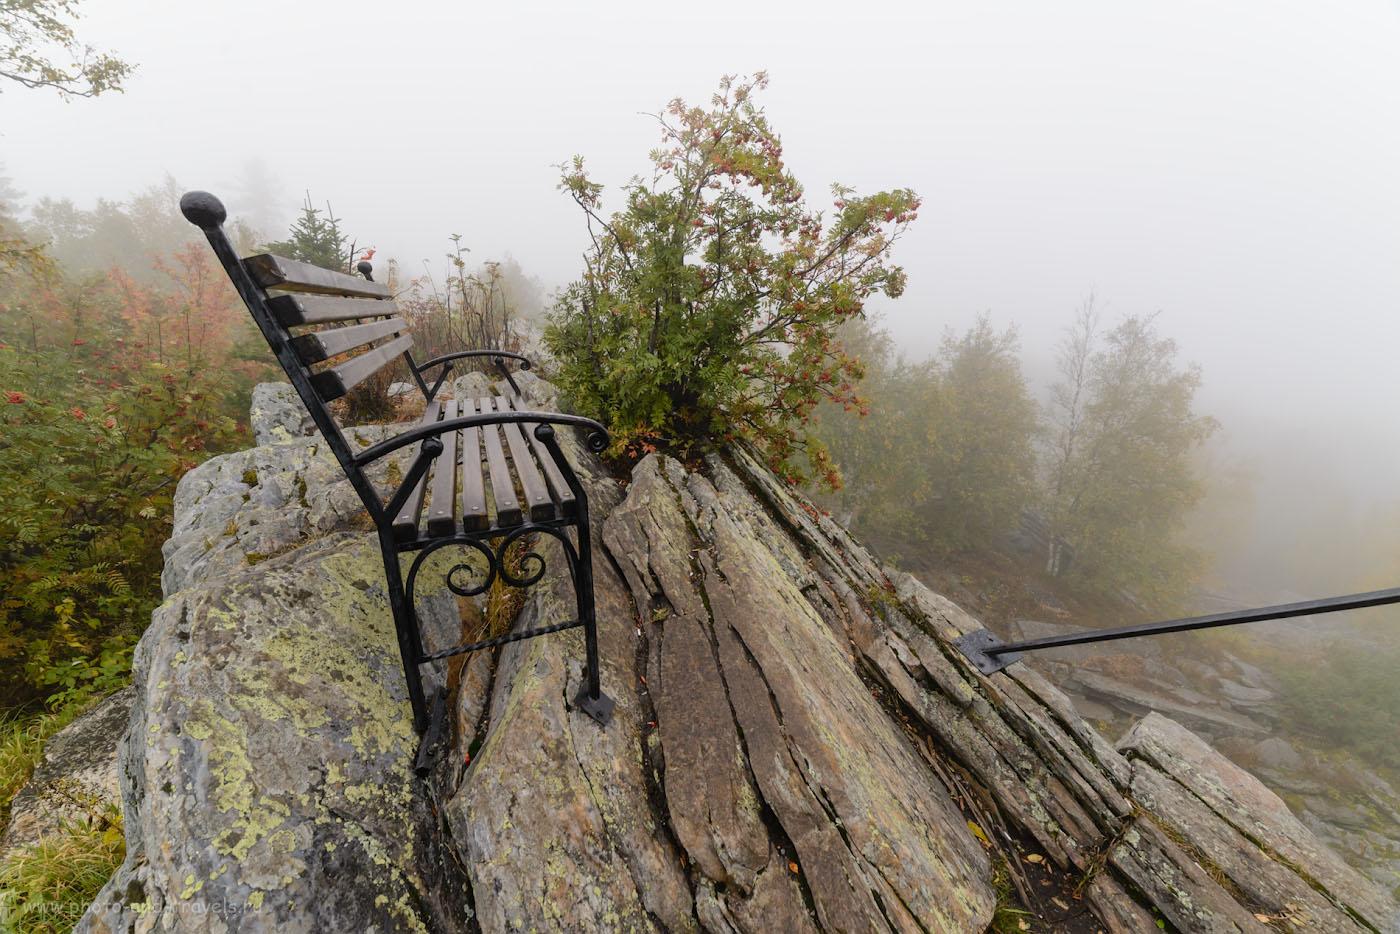 Изображение 18. Заколдованная скамейка с видом в никуда на смотровой площадке Черная сказка в национальном парке «Таганай». 1/160, -1.67, 9.0, 450, 14